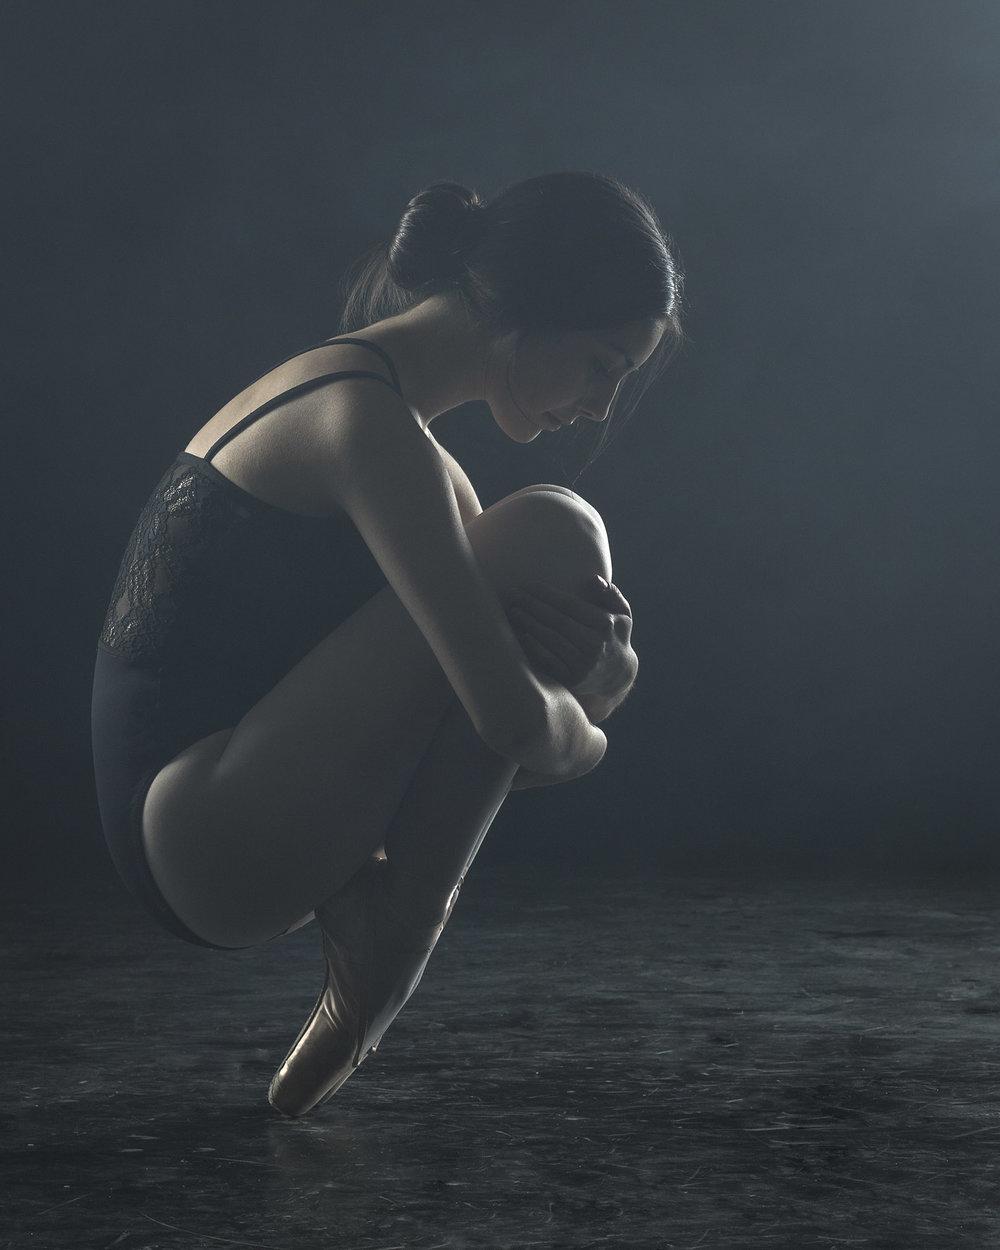 ballerina-squatting-en-pointe.jpg